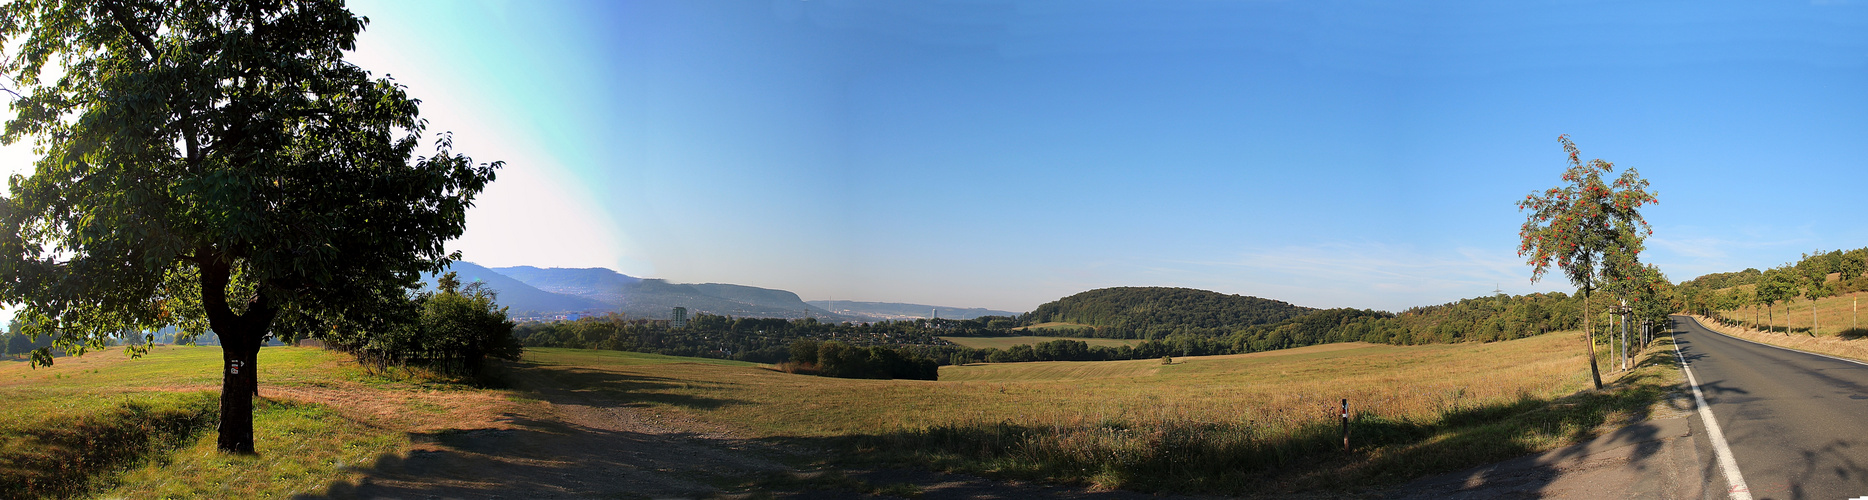 Blick auf Jena vom Jägerberg am Morgen